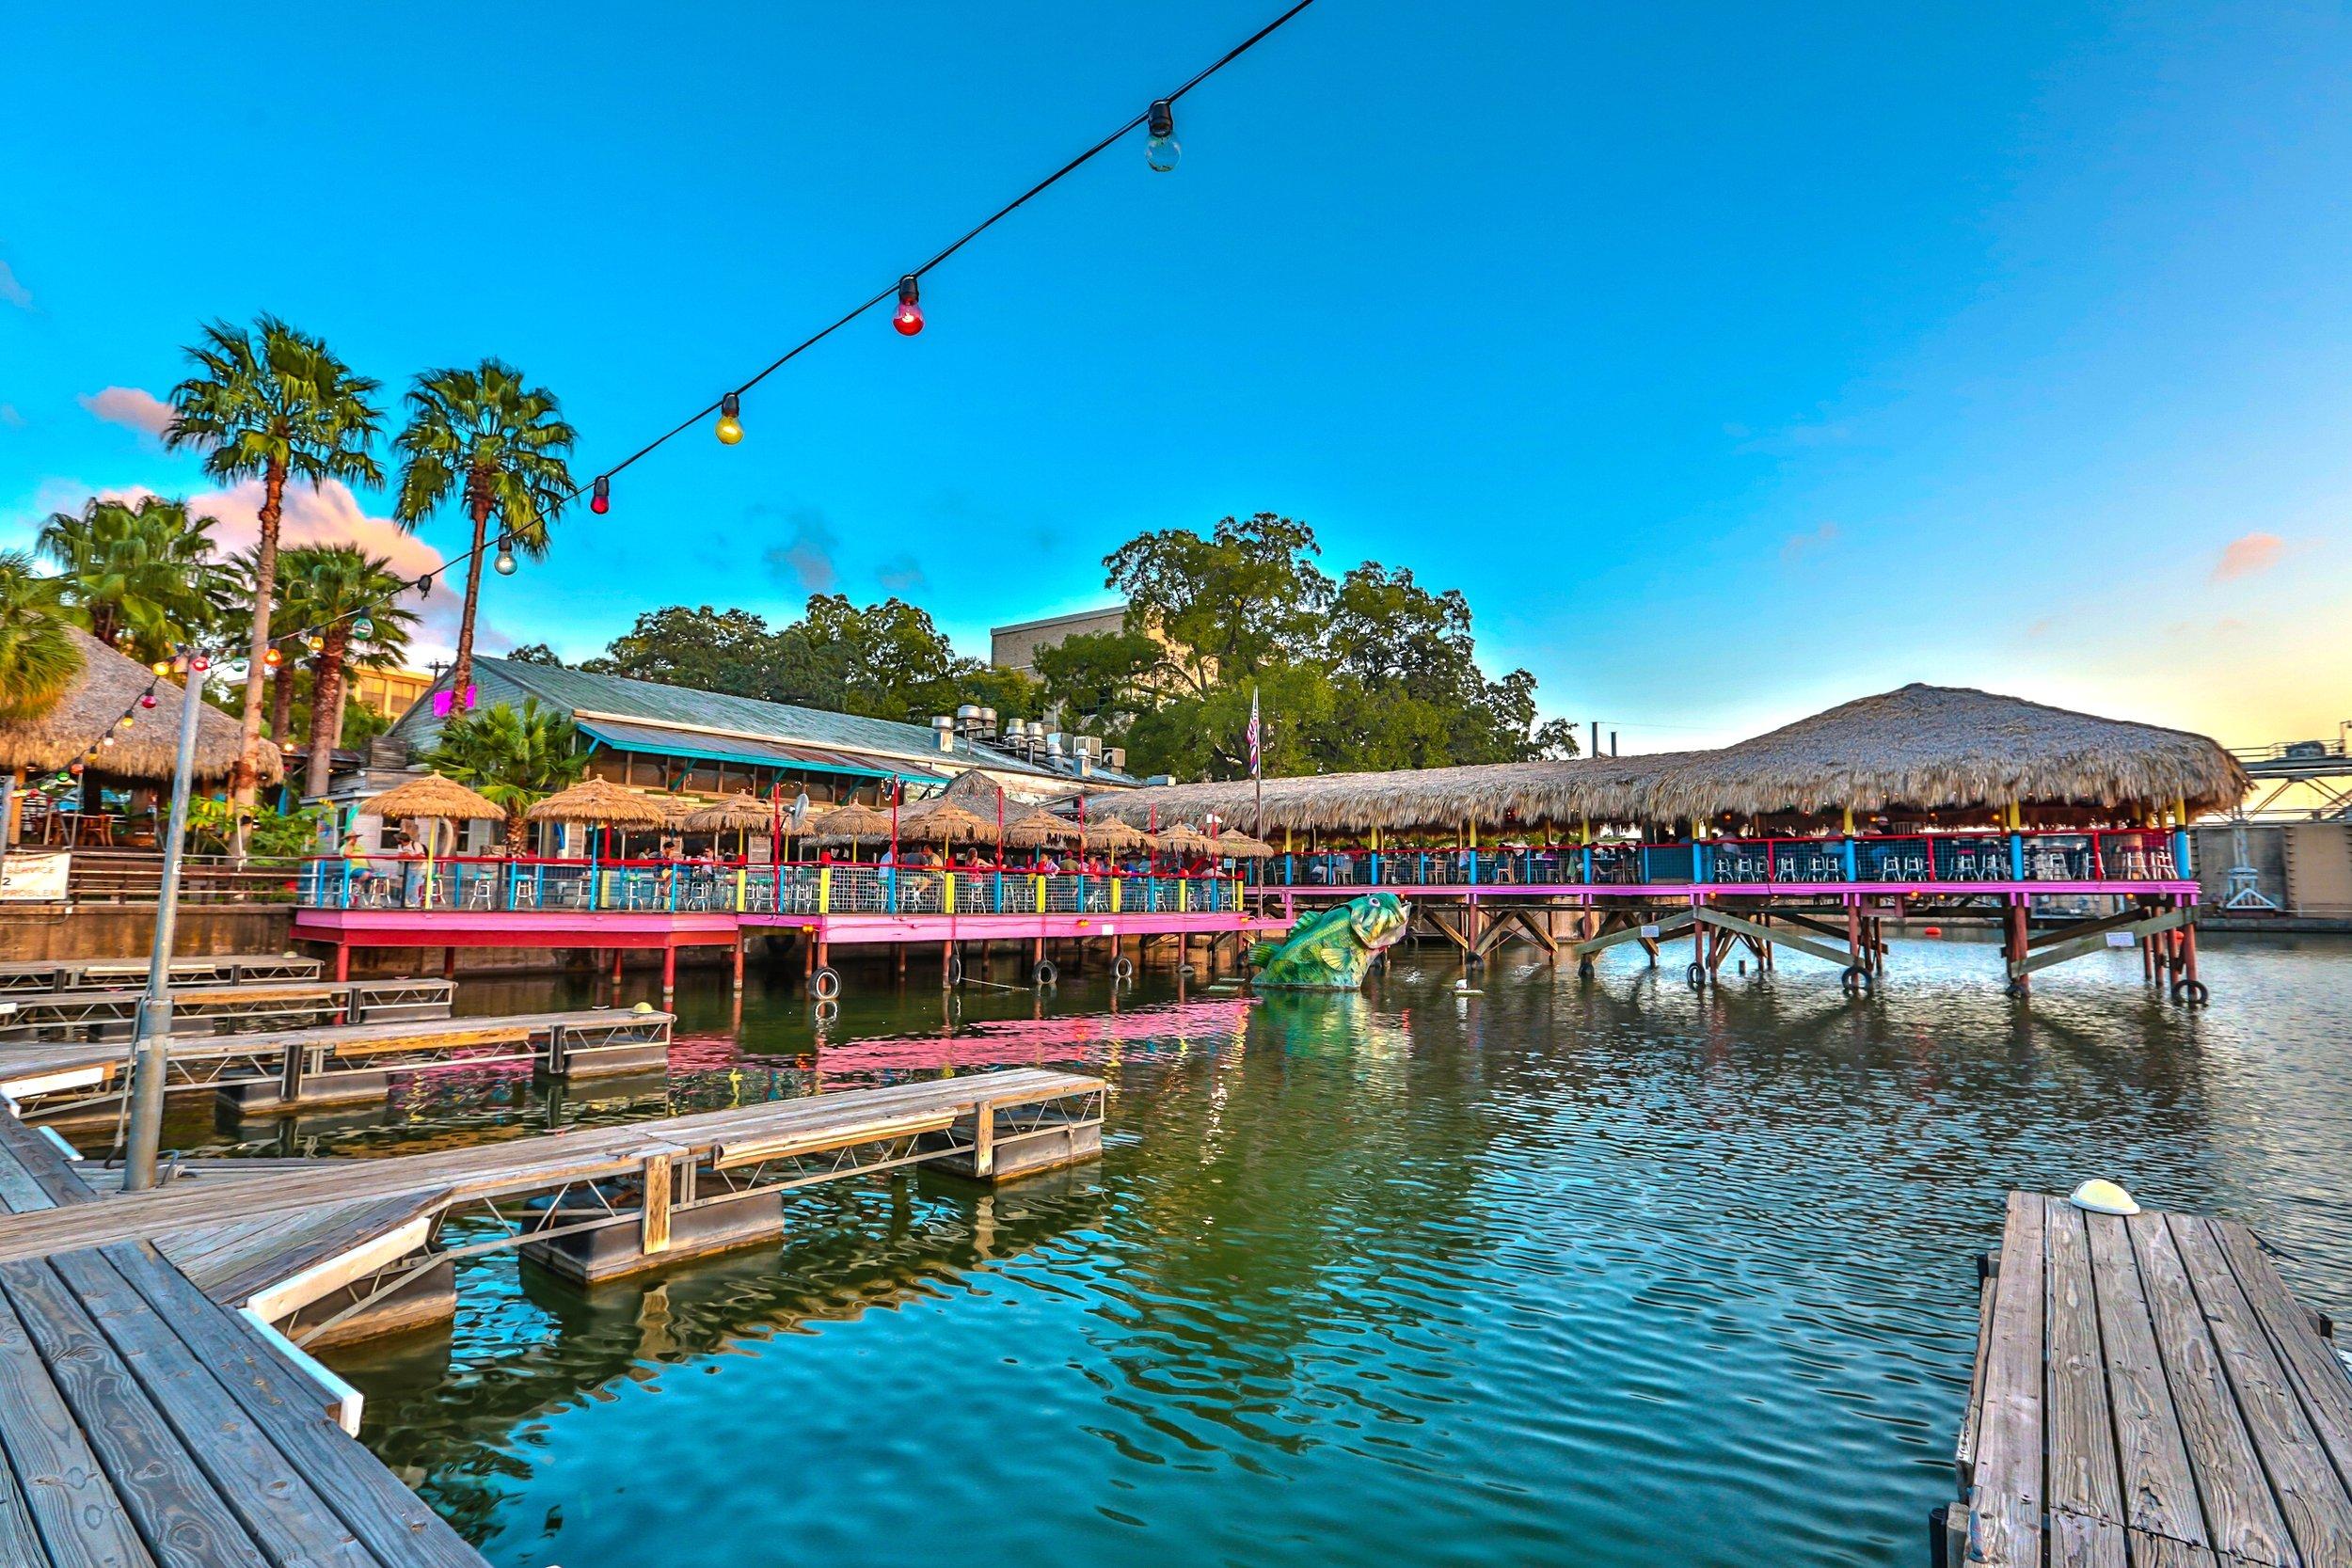 Hula Hut - Lakeside Bar & Restaurant on Lake Austin